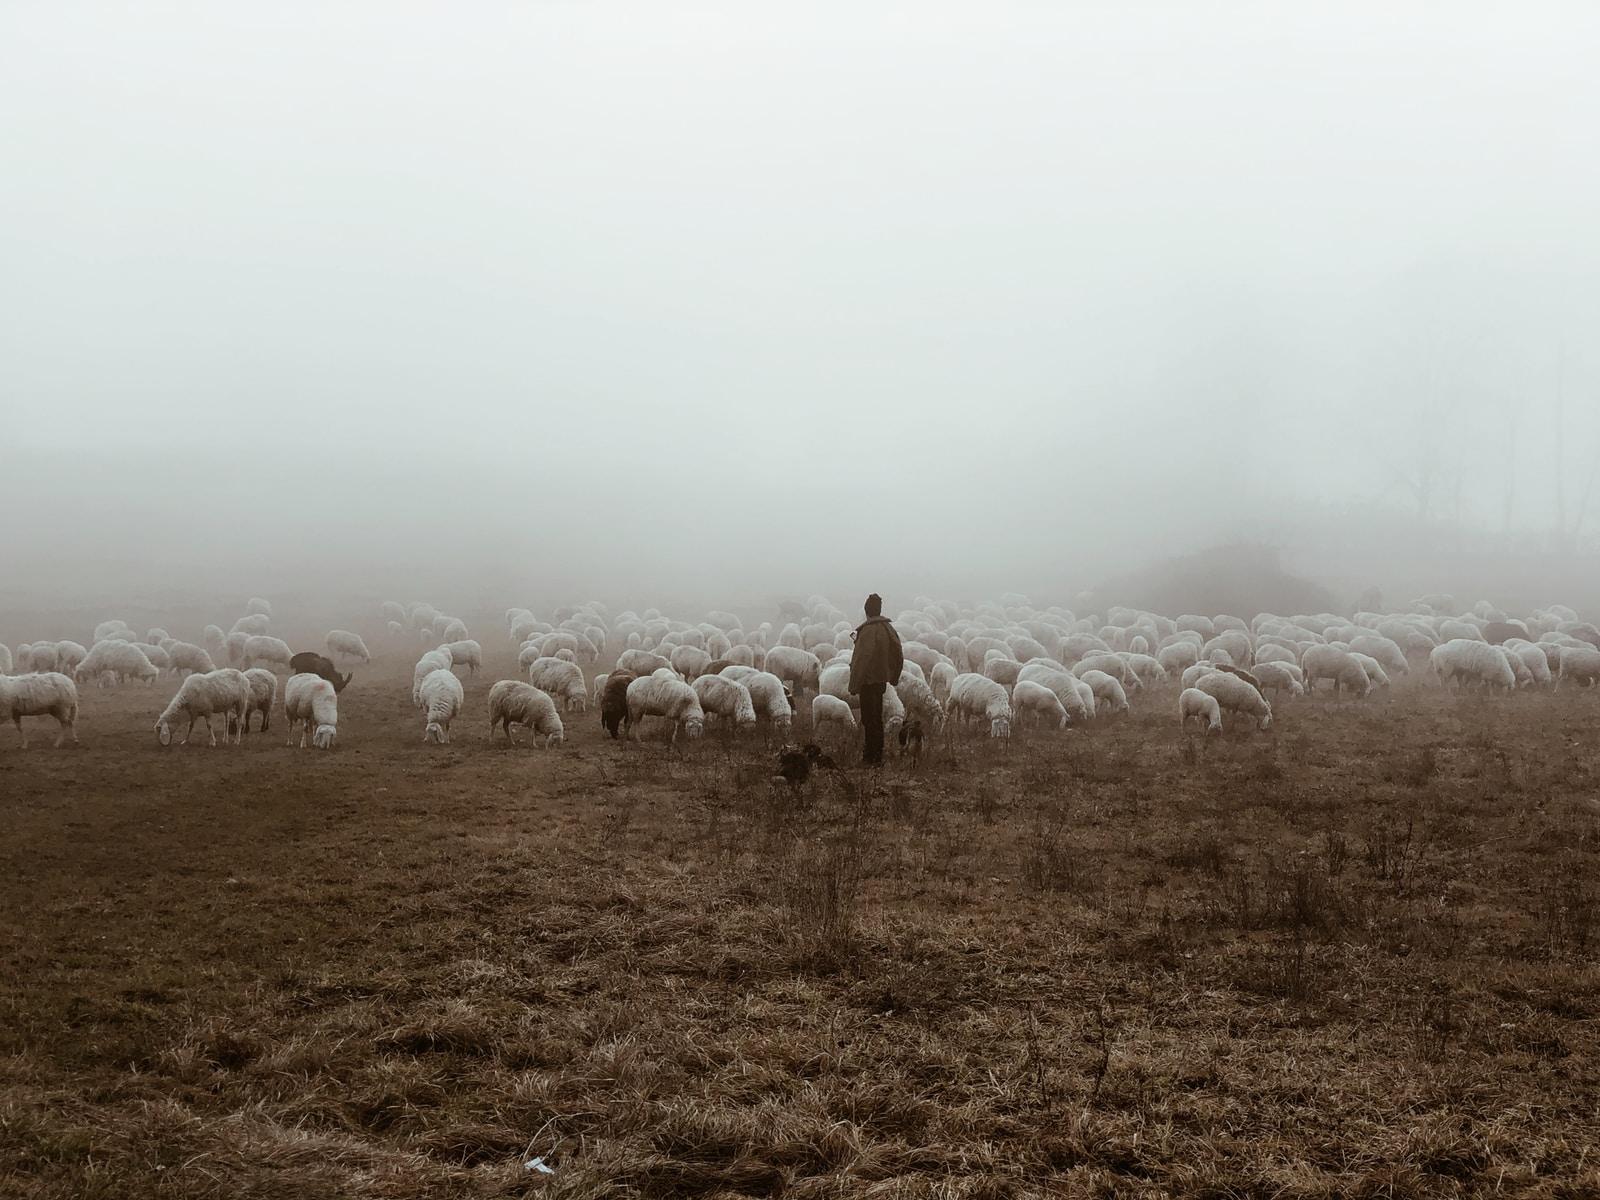 IN THE SHEPHERD'S HAND